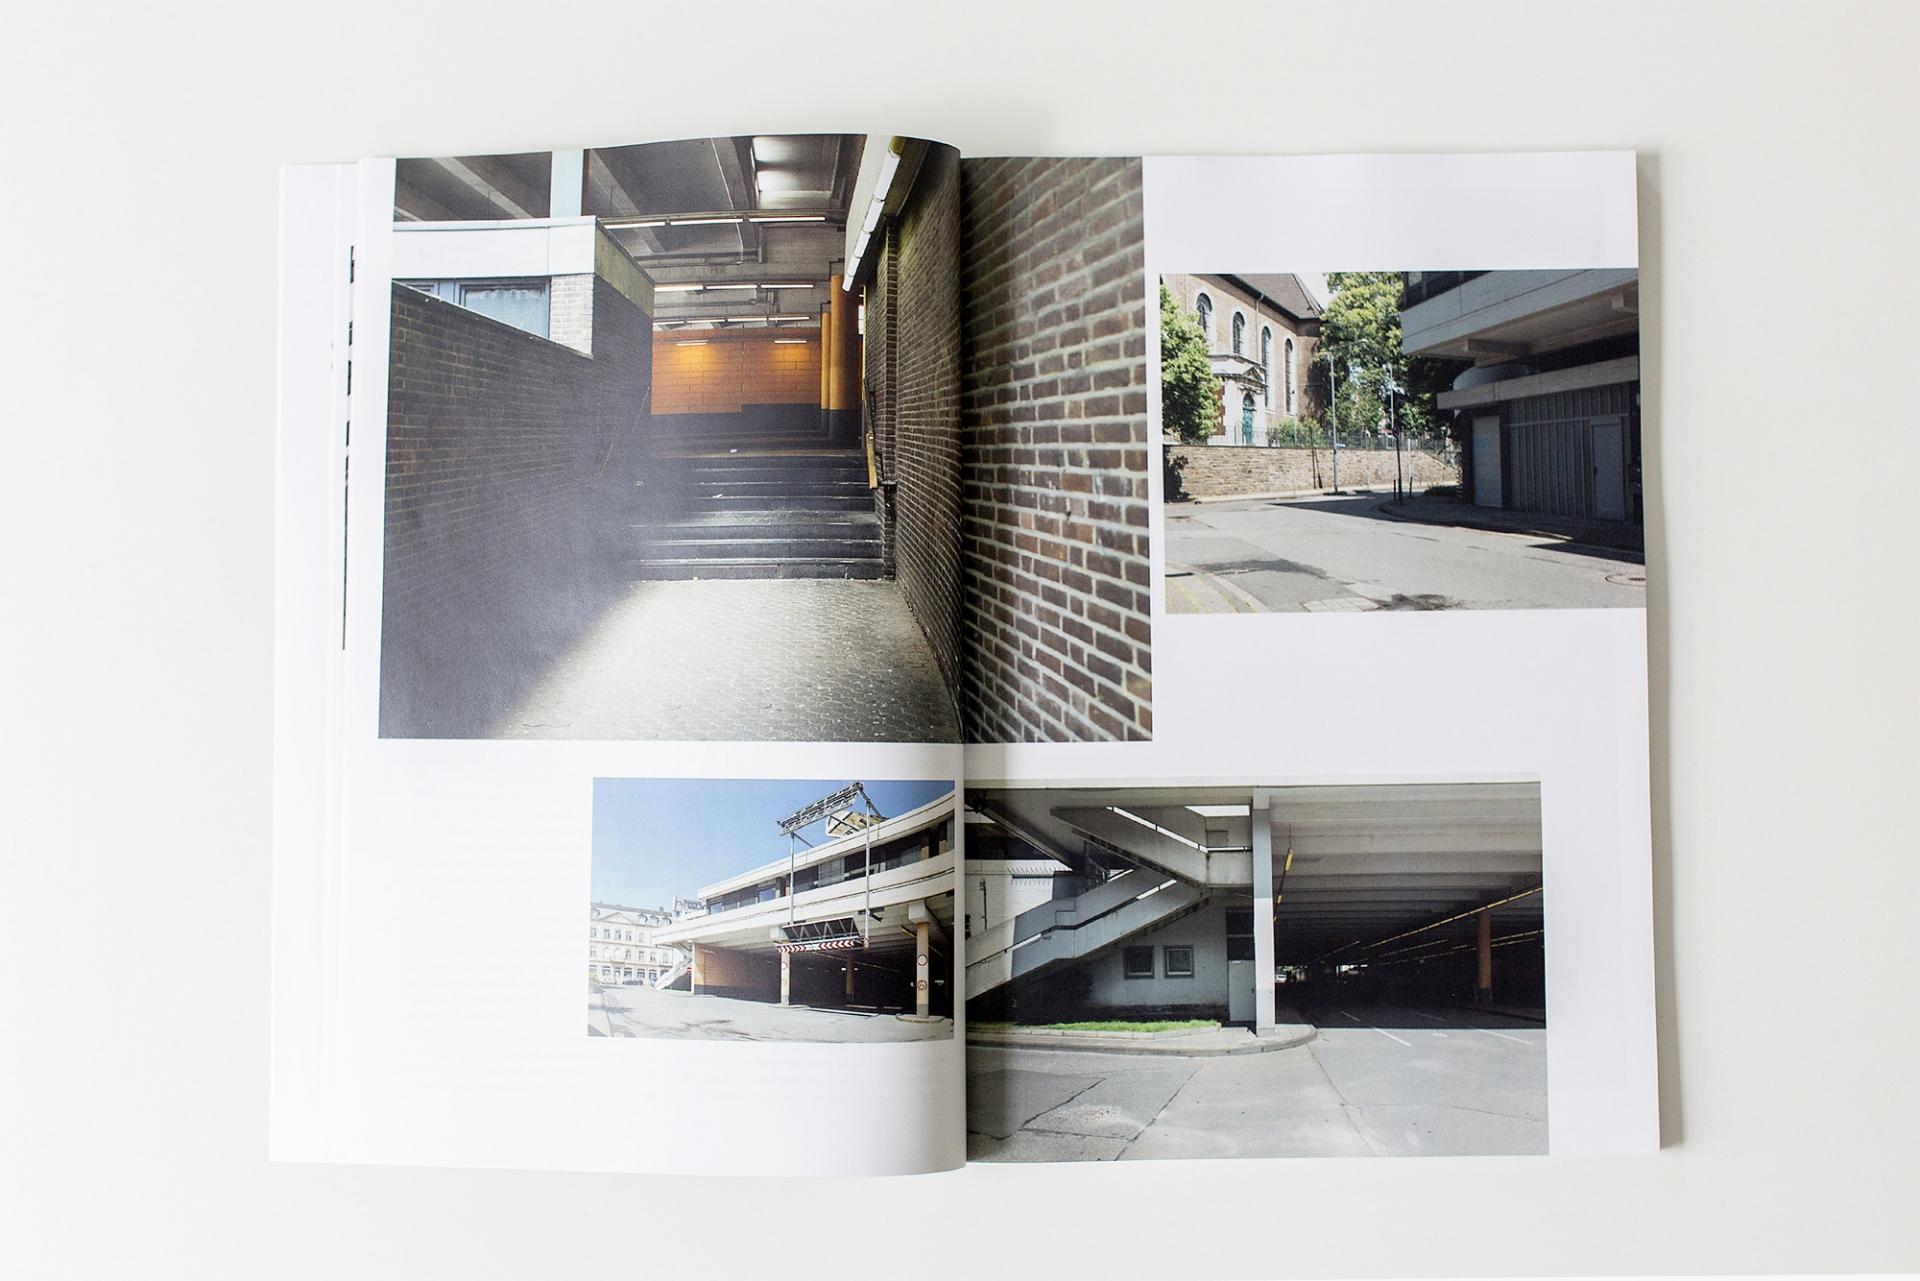 BüroBayer – Grafikdesign, Webdesign, Corporate Design aus Dortmund - Büro für Gestaltung ⤷ Mit den Riesen auf Augenhöhe